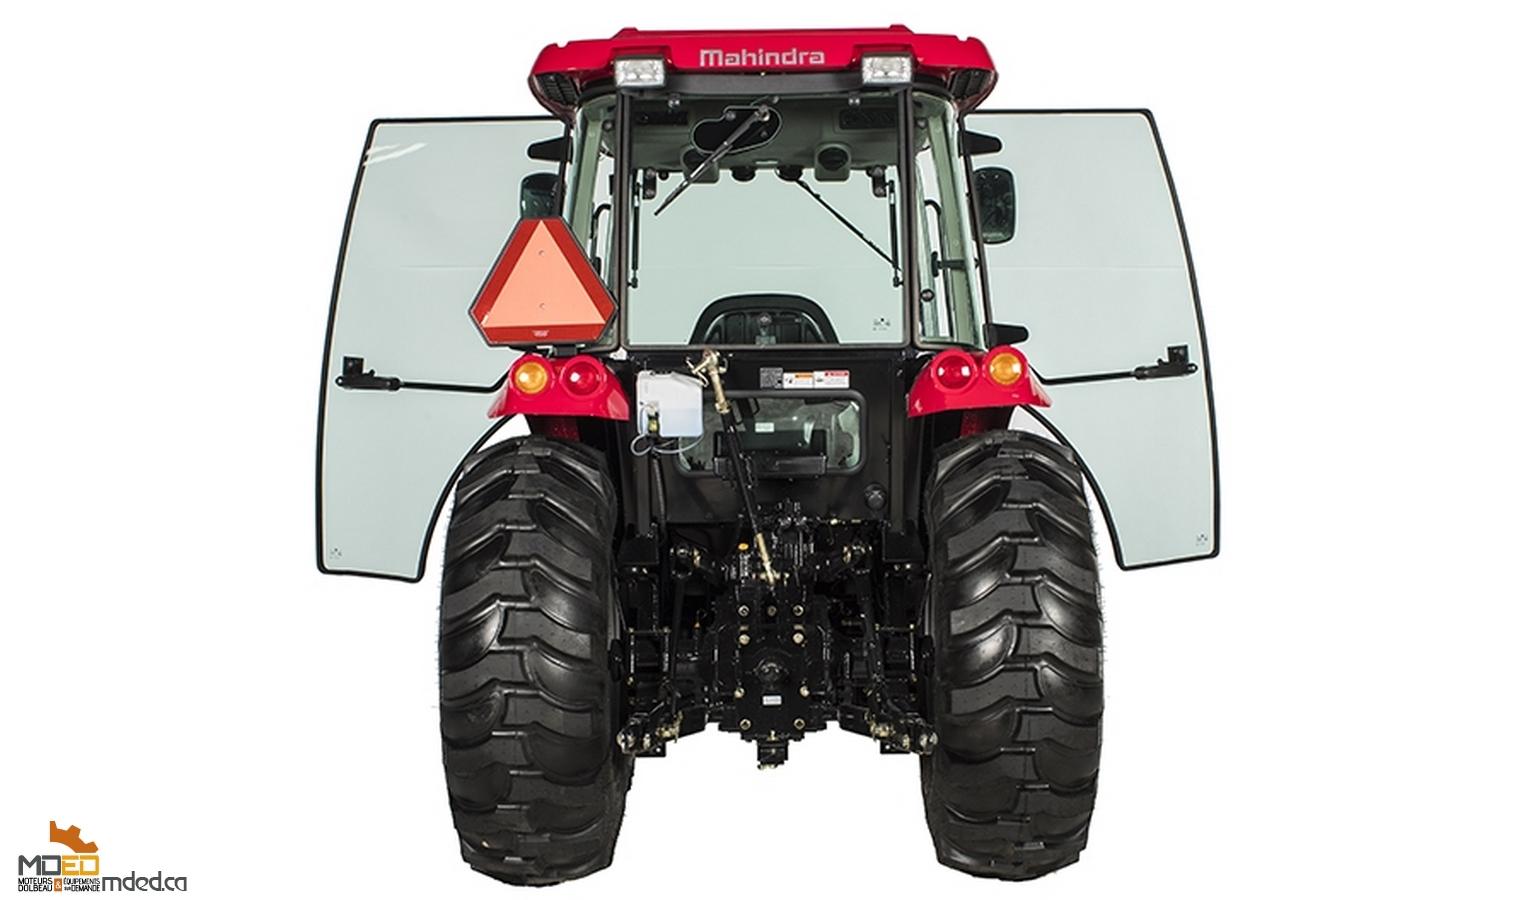 Mahindra 2655 HST / Moteur Dolbeau & Équipements sur demande